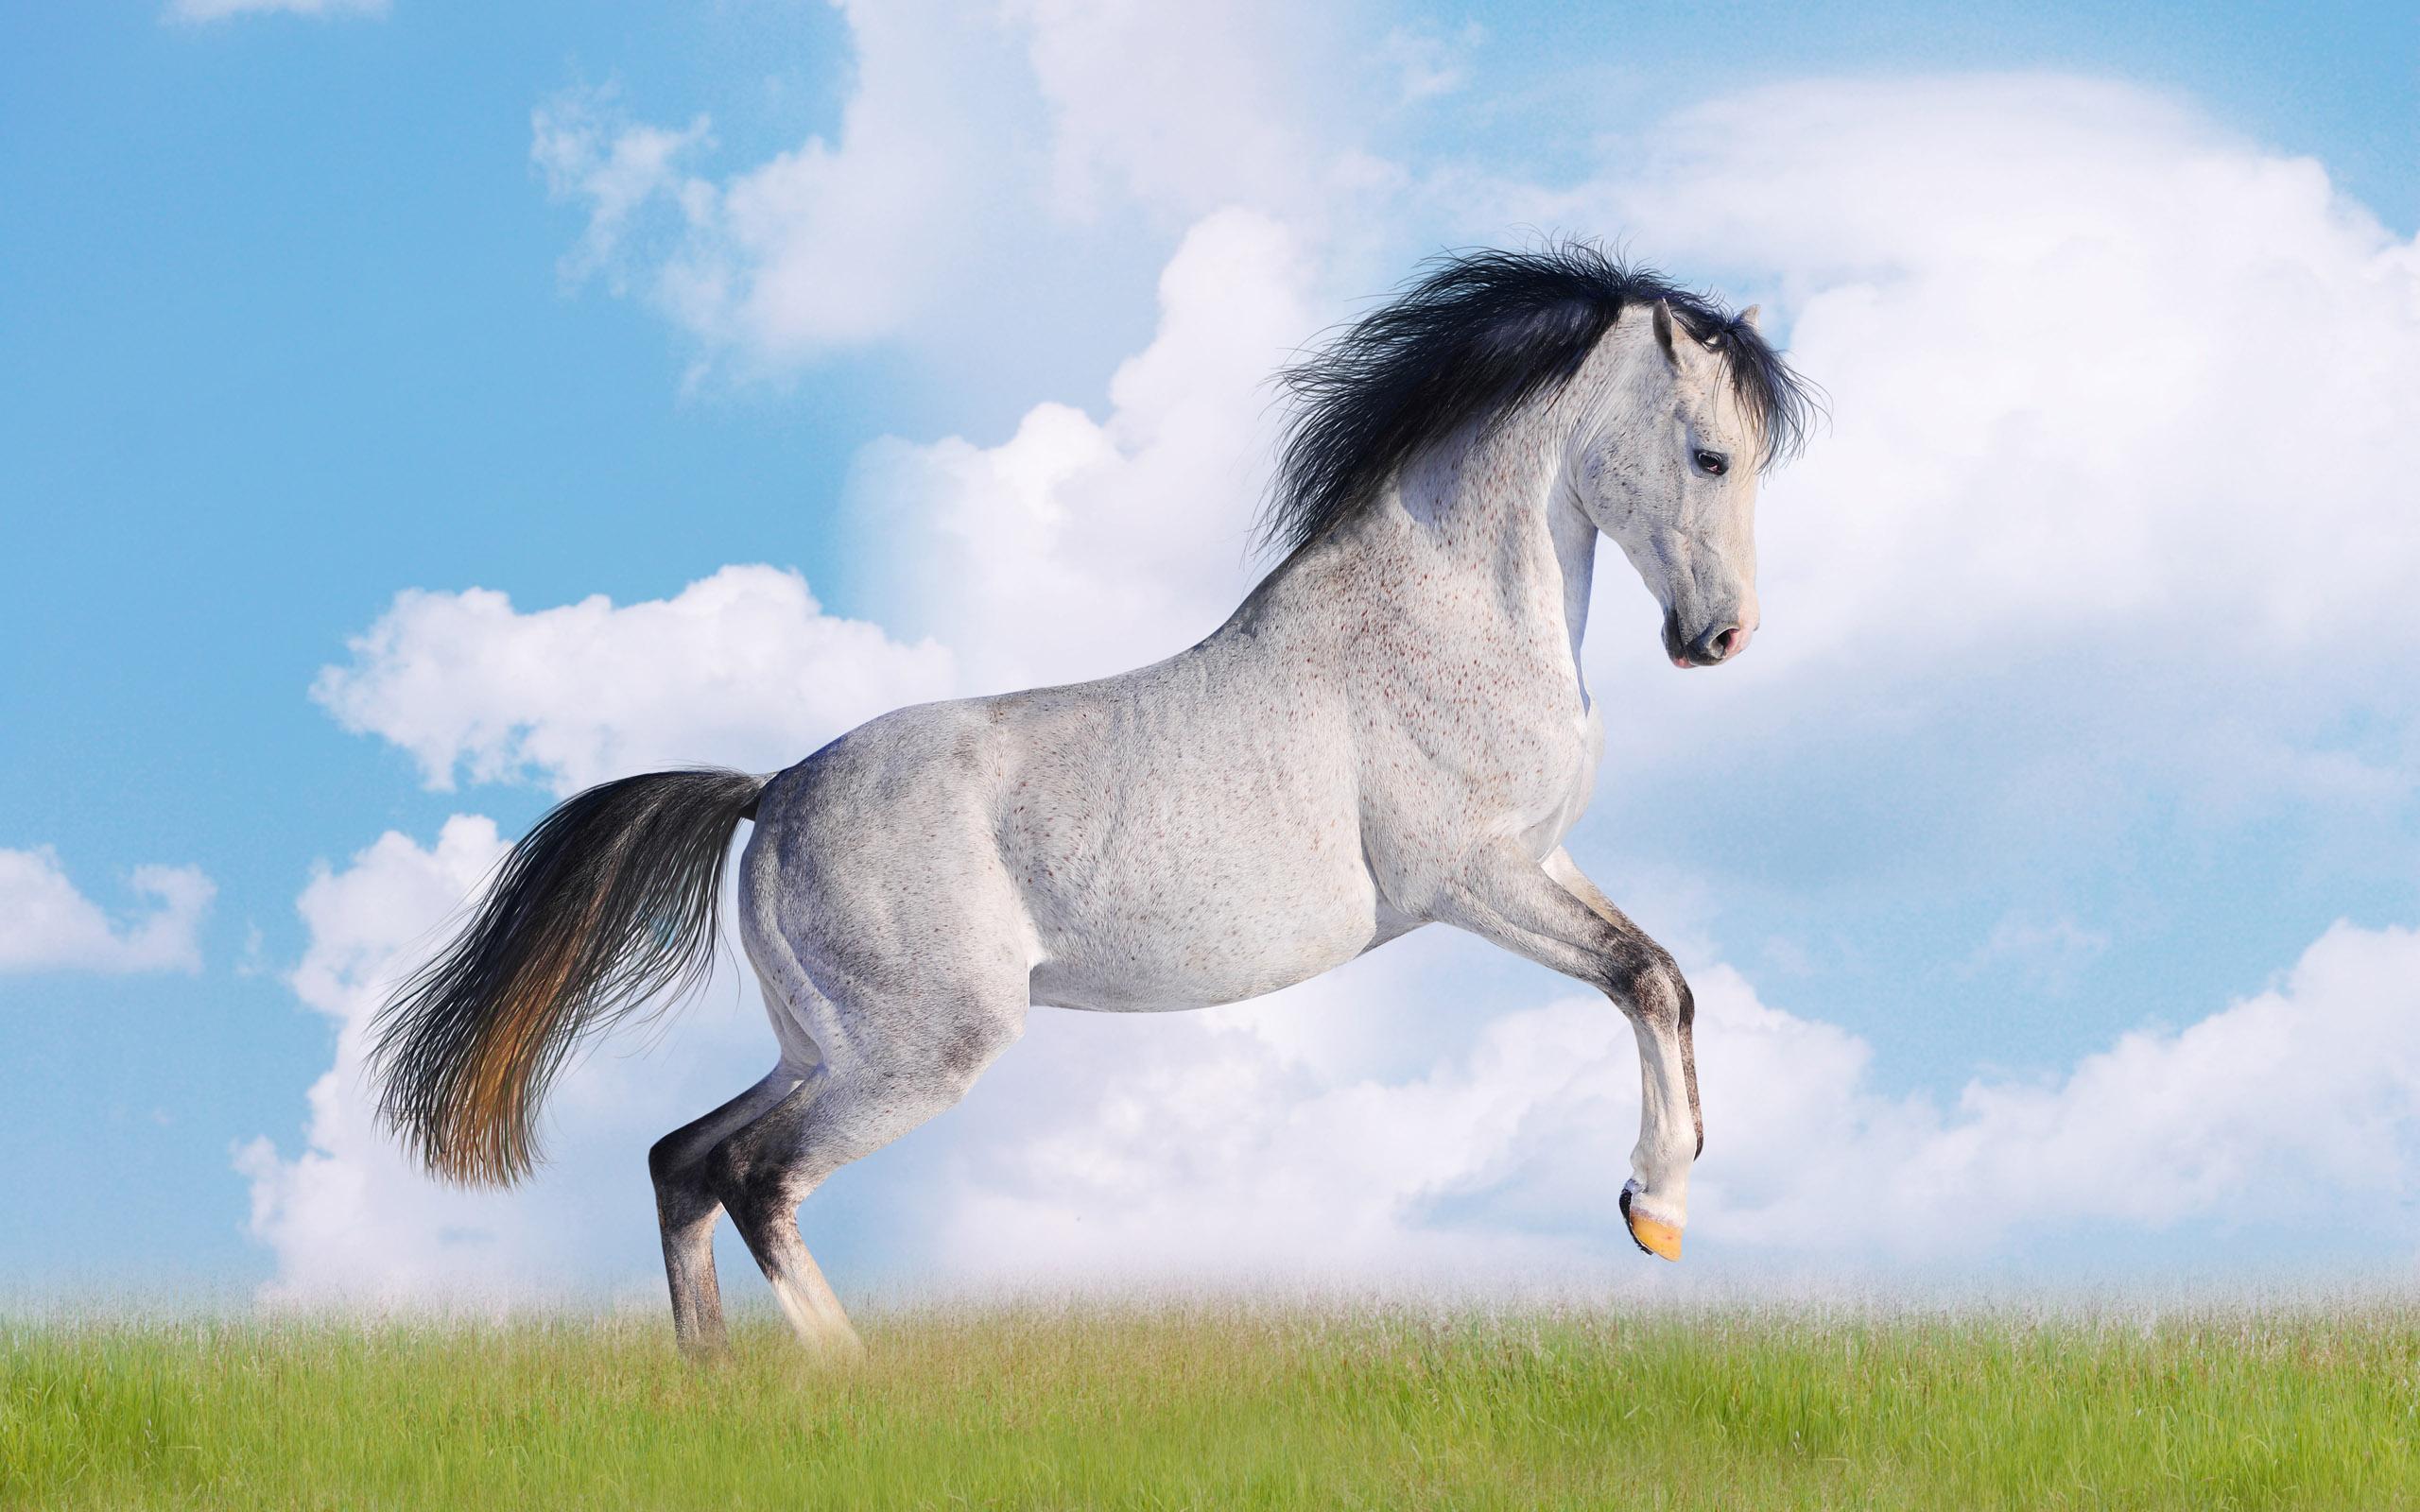 Серый конь на траве, фото, обои на рабочий стол, лошадь